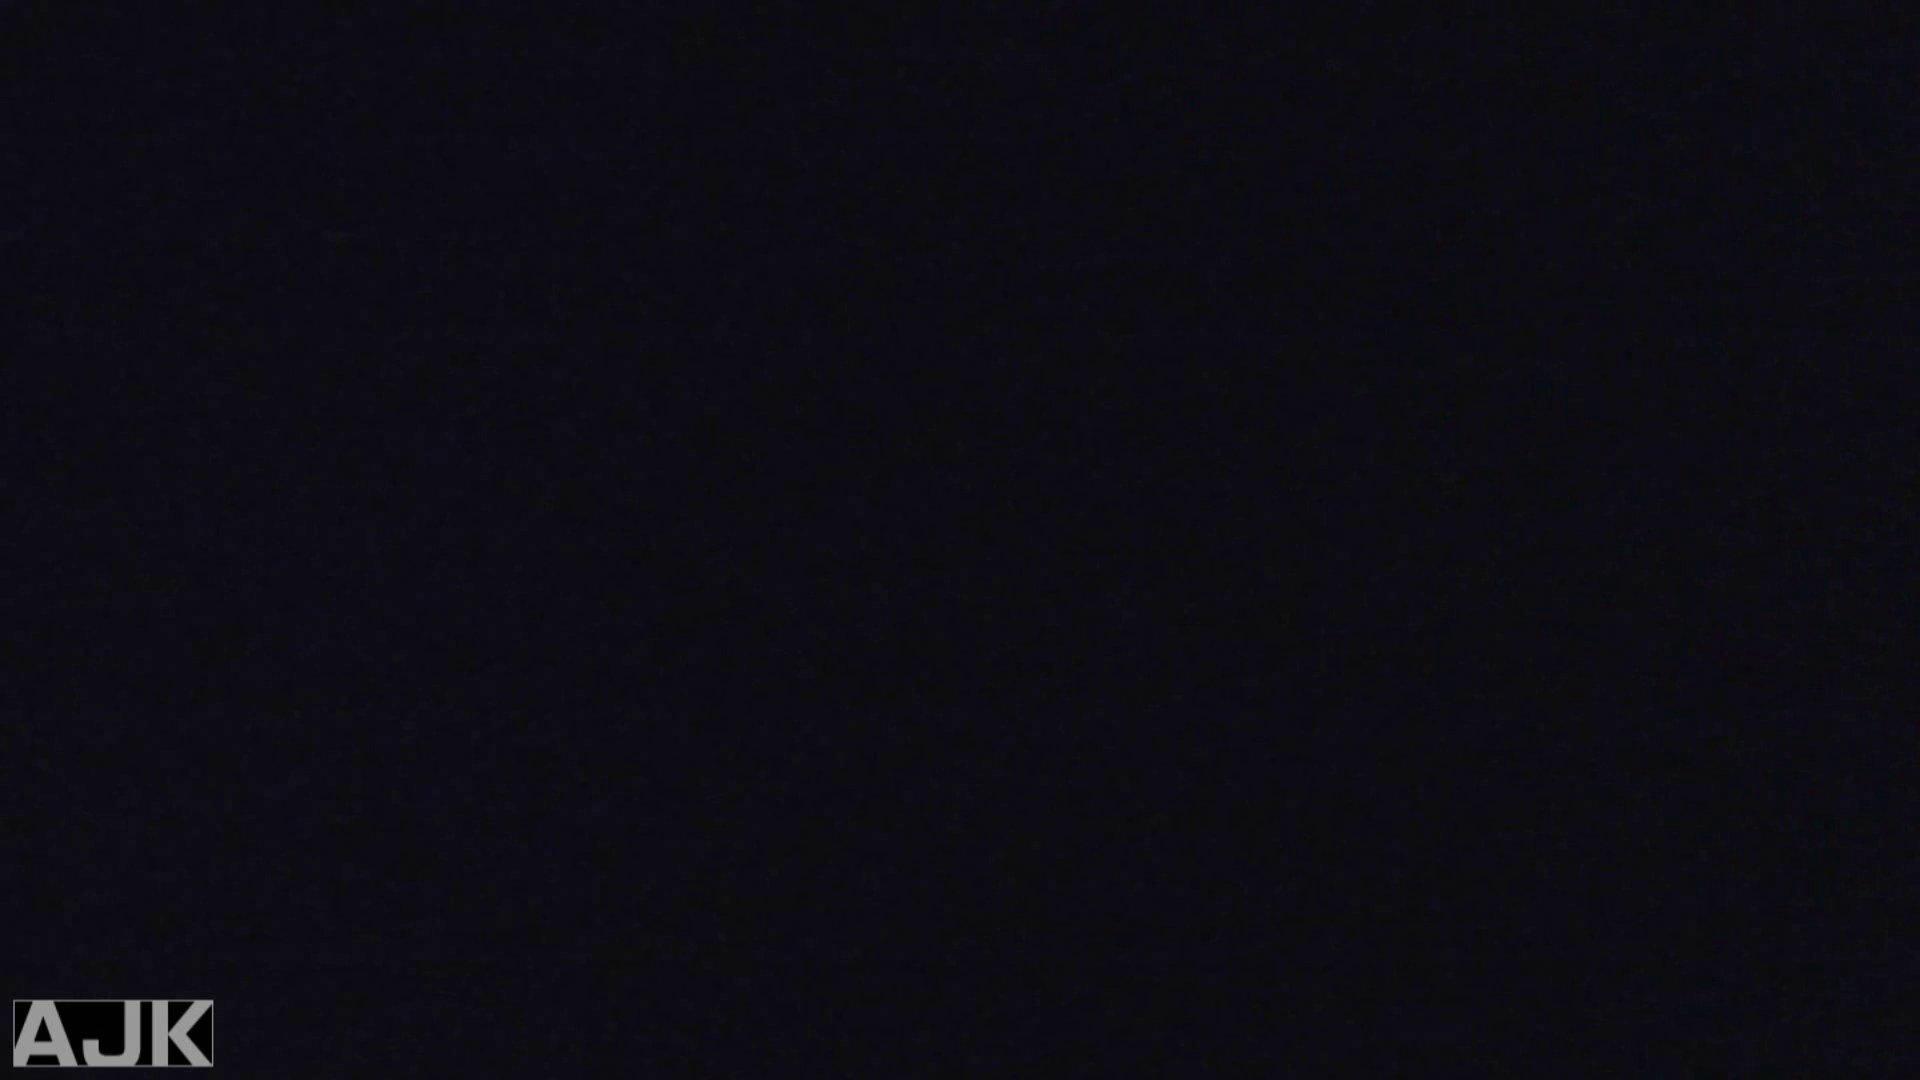 神降臨!史上最強の潜入かわや! vol.23 肛門 盗撮おめこ無修正動画無料 78PICs 69